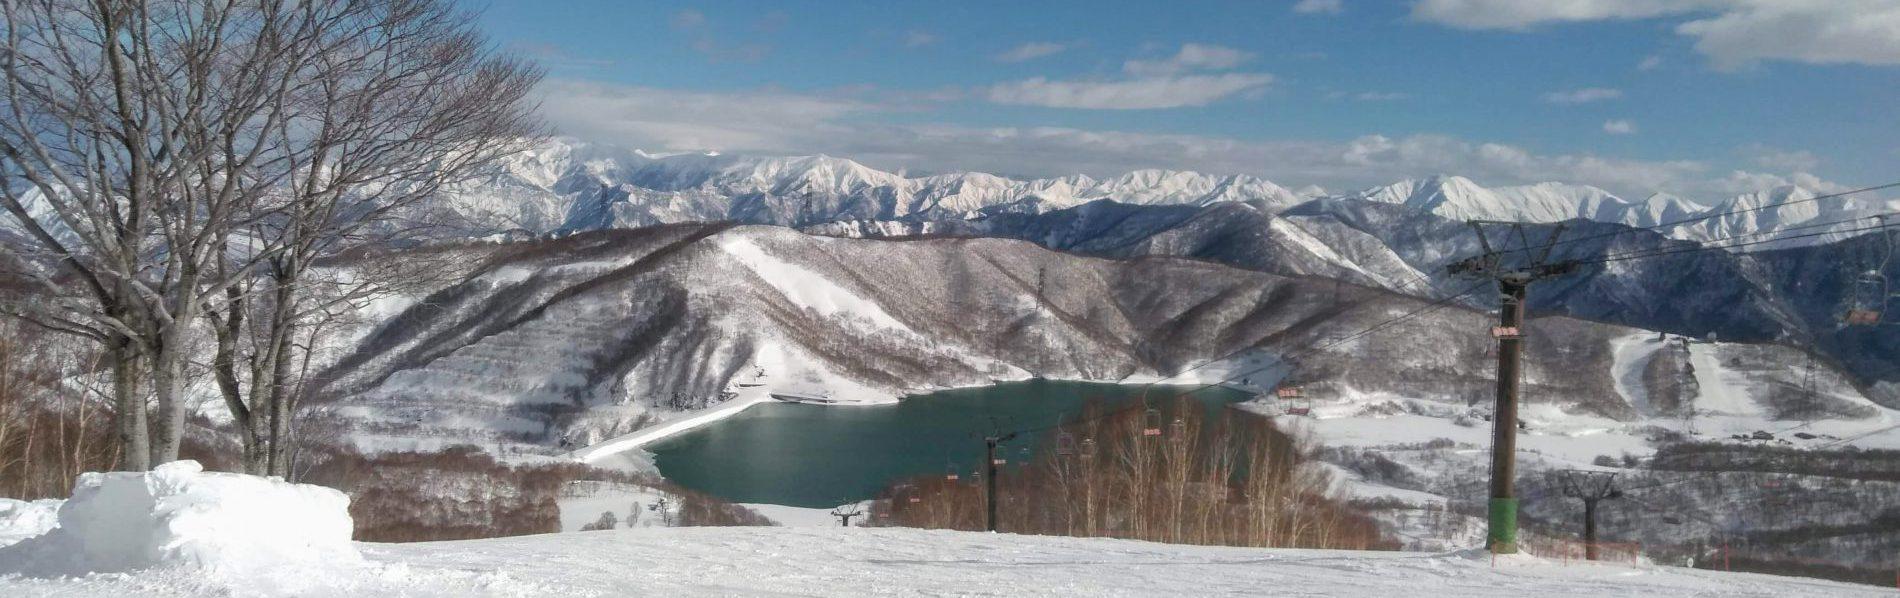 かぐらスキー場から谷川連峰